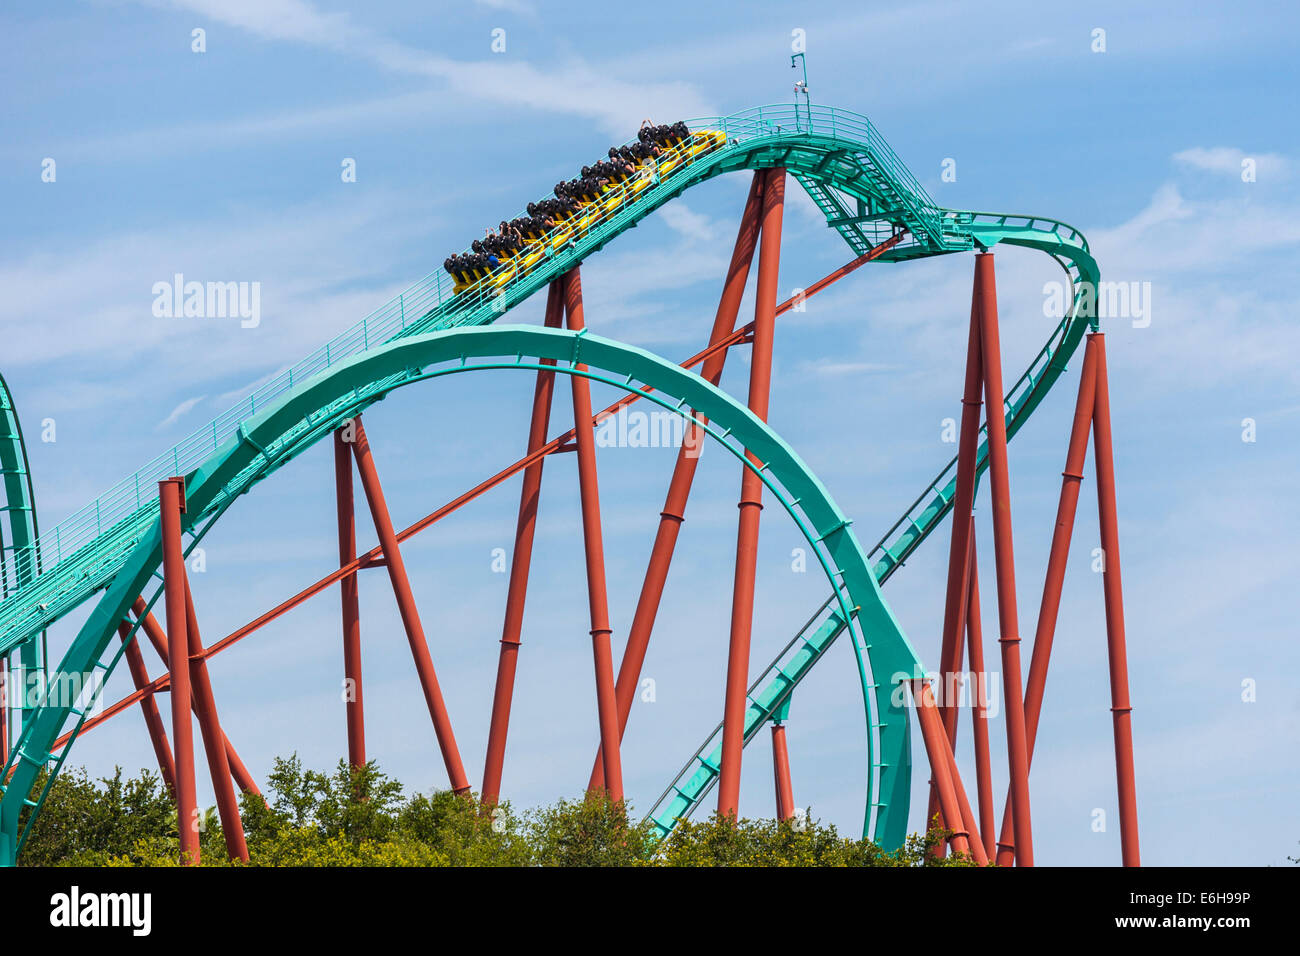 Busch gardens theme park stock photos busch gardens - Busch gardens tampa roller coasters ...